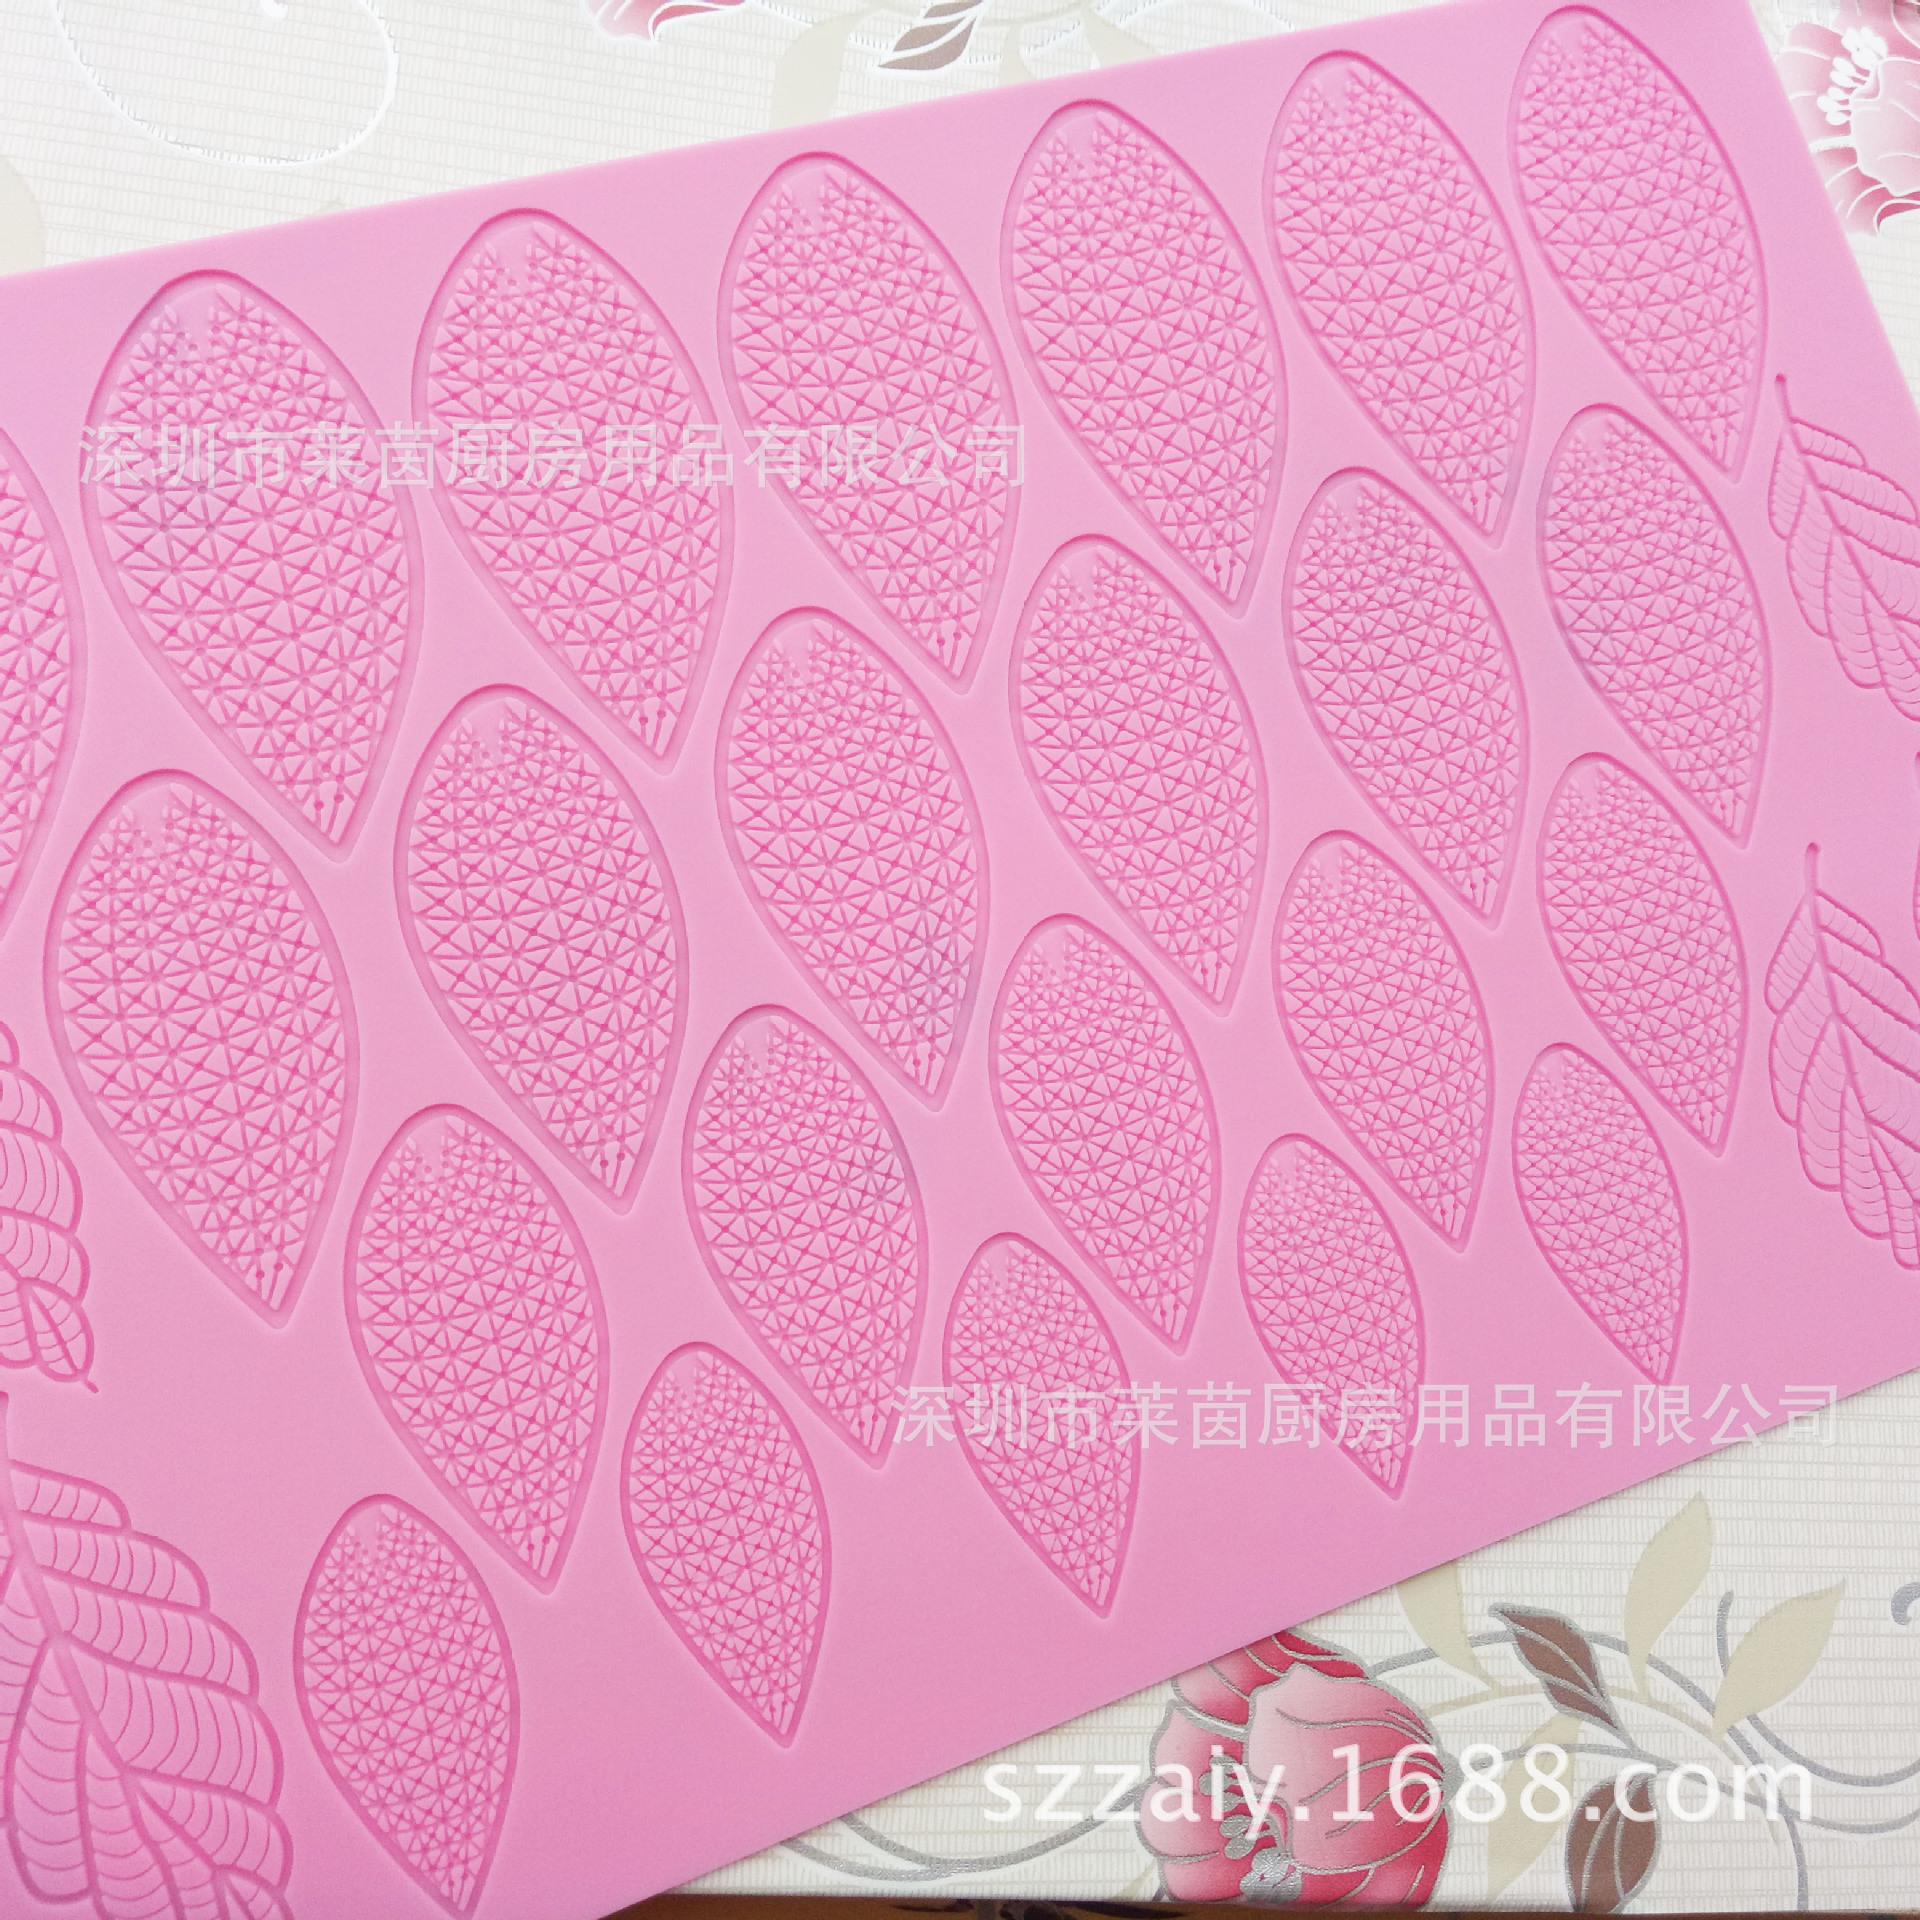 大号叶子蕾丝硅胶模具 蕾丝蛋糕花边装饰翻糖模具  diy烘焙工具